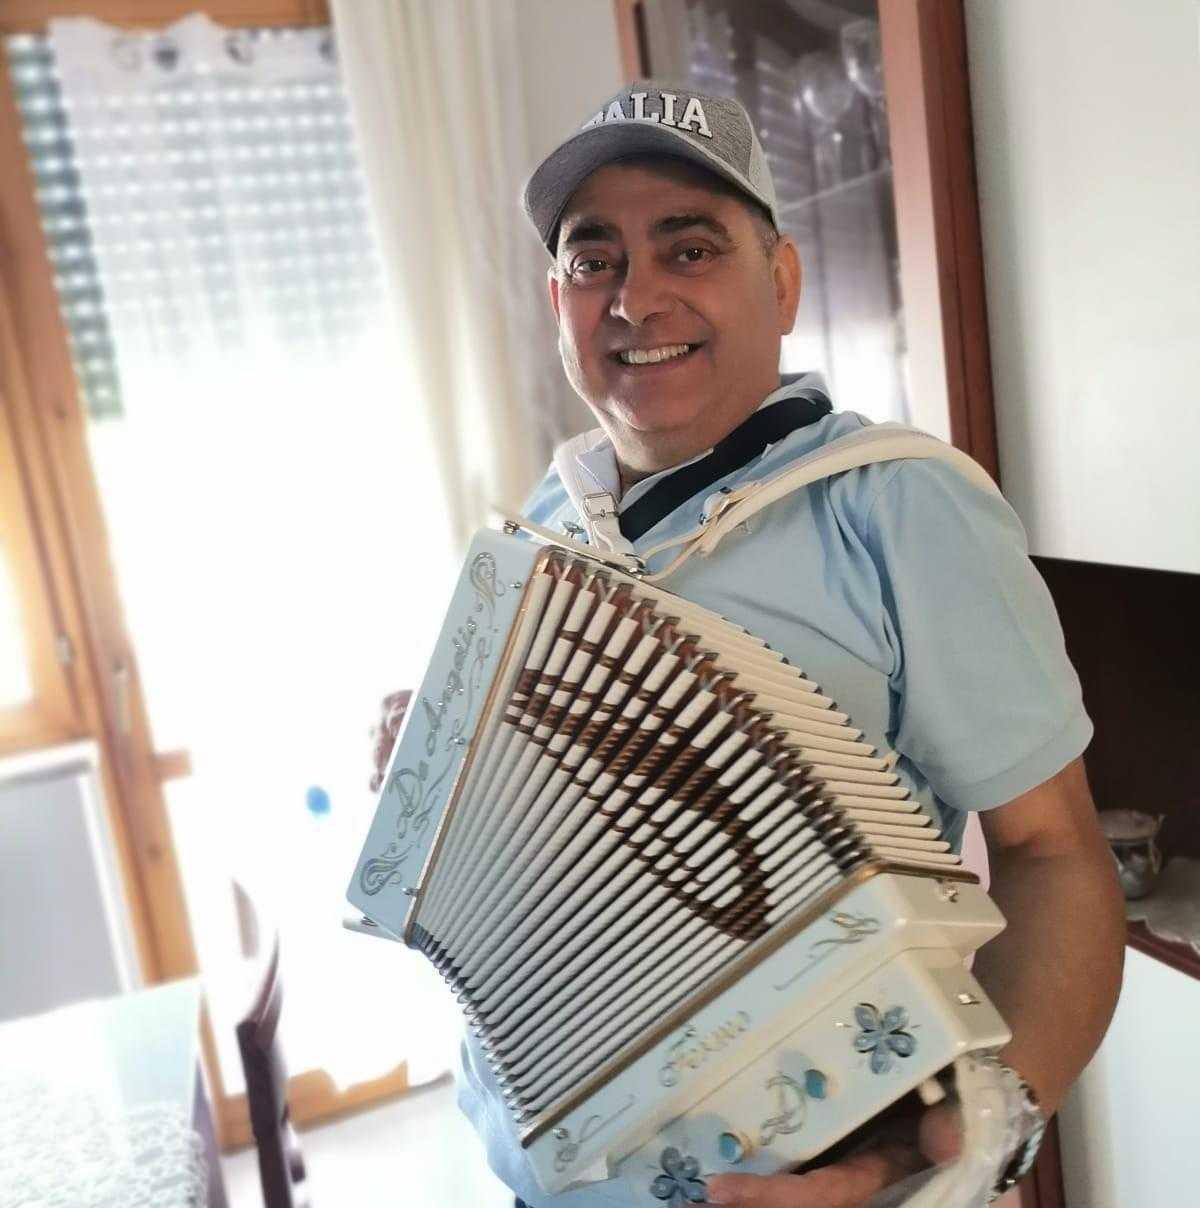 Lutto a Montorio, è scomparso il Maestro dell'Organetto Alberto Pio: aveva 55 anni